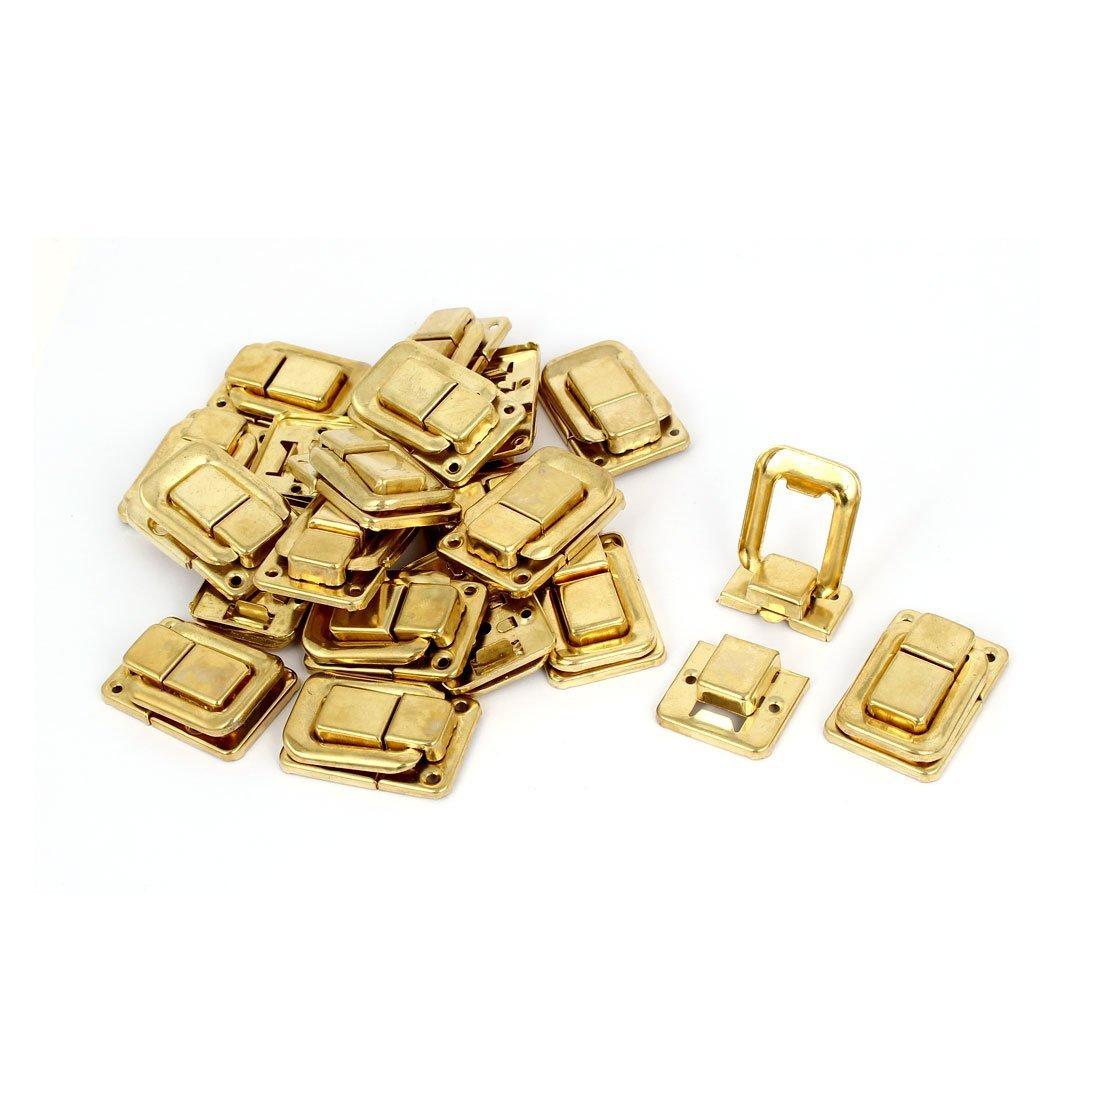 sourcing map Borse custodia in legno scatola di ferro chiusura a scatto di bloccaggio fermaglio tono oro 38mm Lunghezza 20pz a16080900ux0428